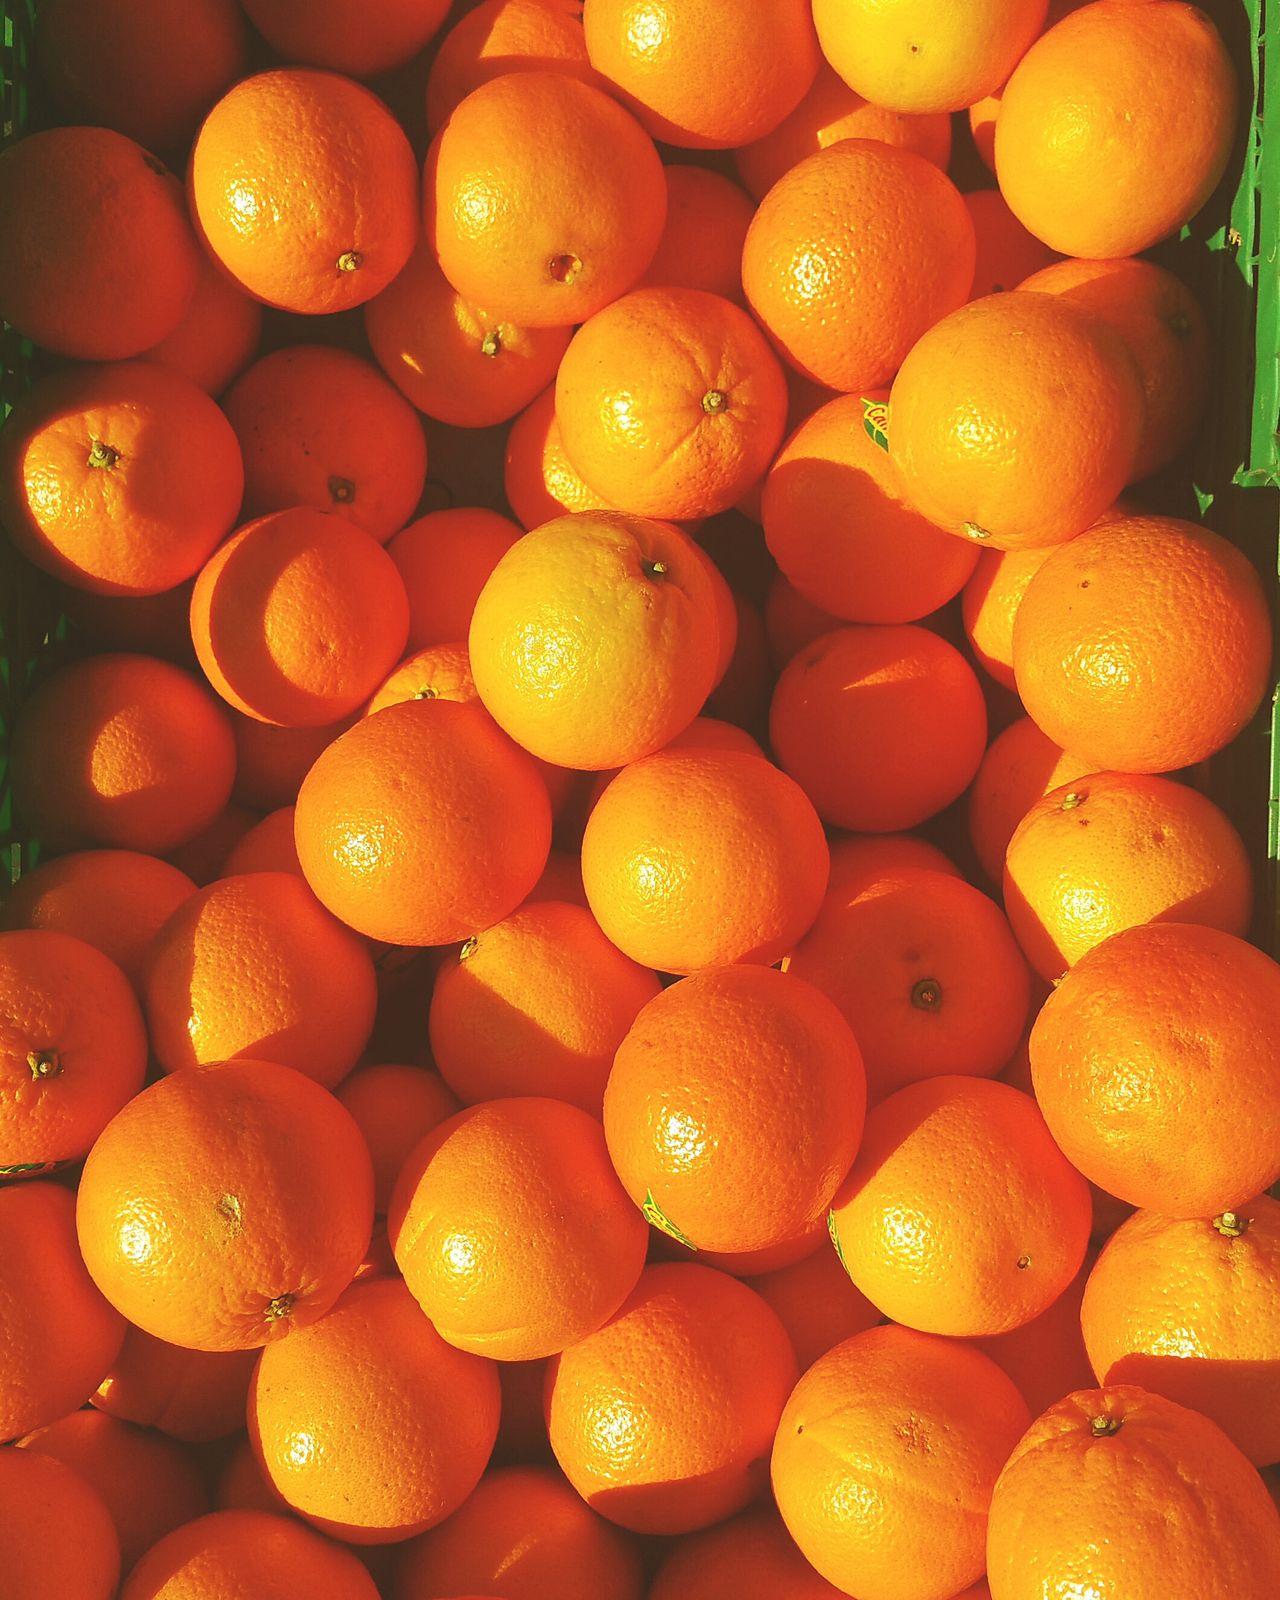 Oranges Food Ingredients Crate Of Oranges Orange - Fruit Orange Color Oranges In The Sun